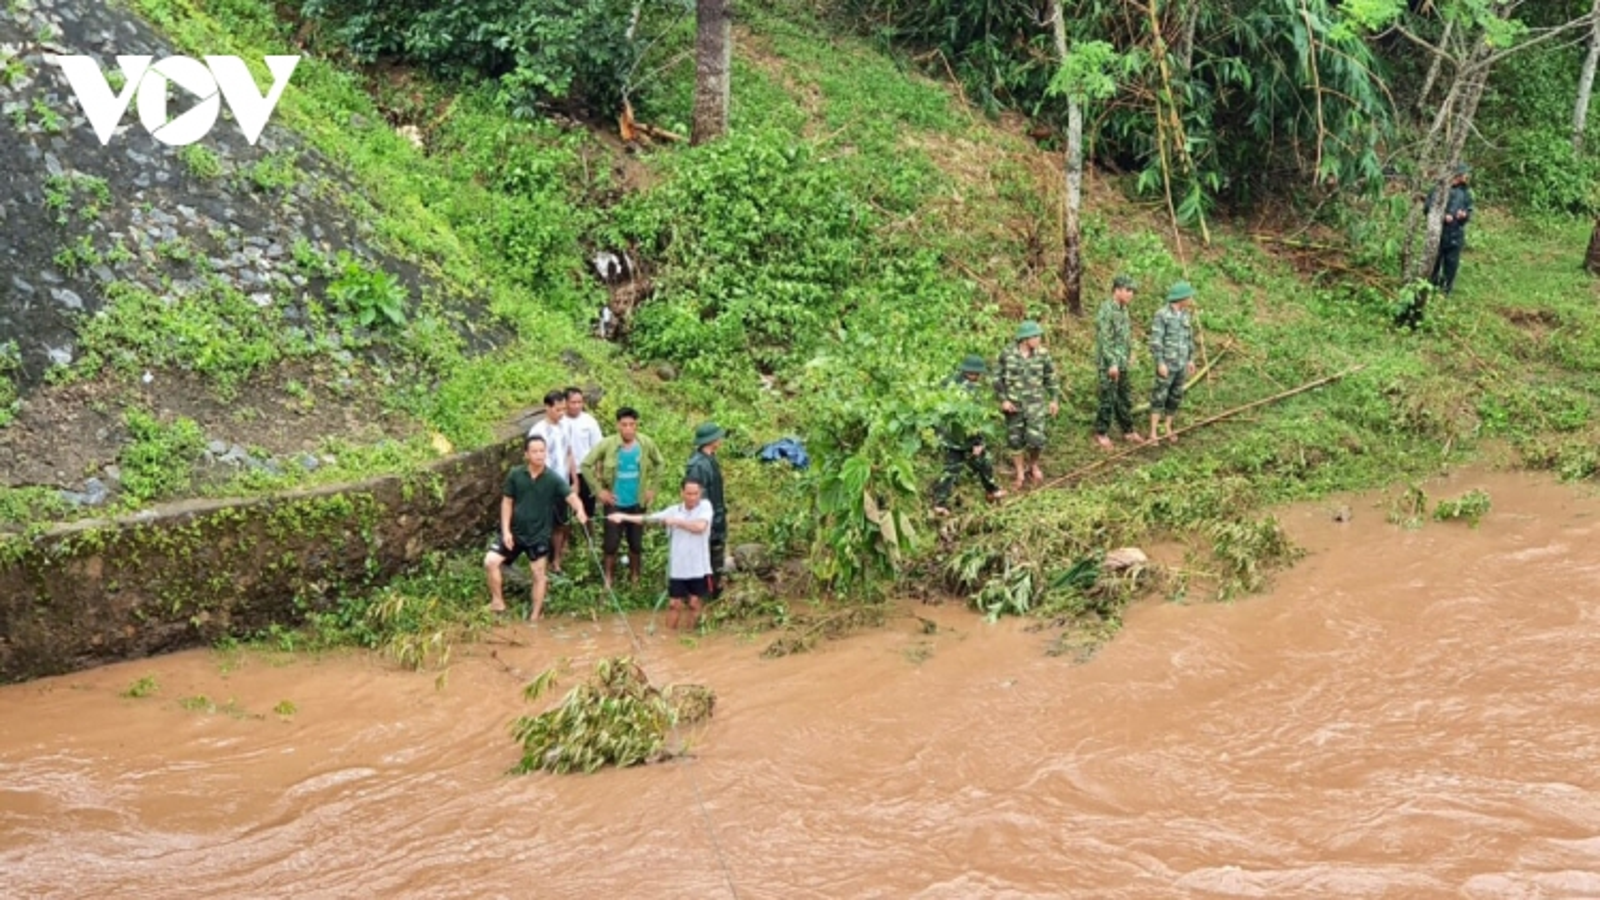 Quảng Trị: Hơn 100 cán bộ chiến sĩ tìm phụ nữ mất tích do mưa bão